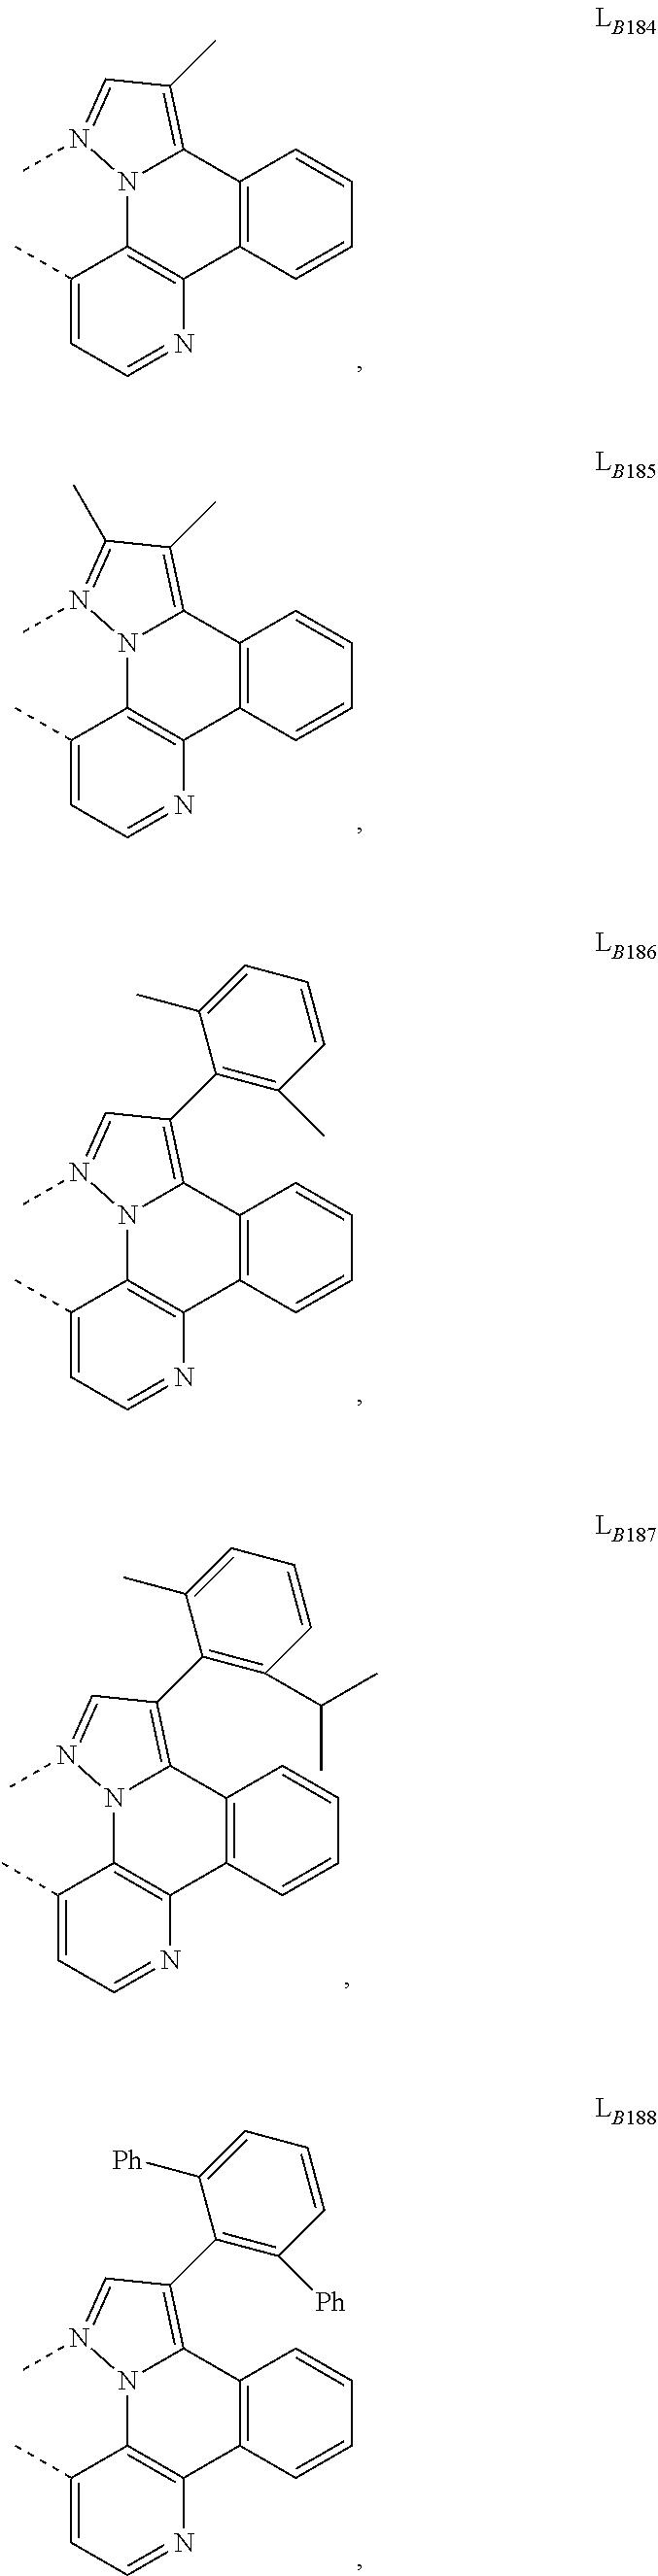 Figure US09905785-20180227-C00599